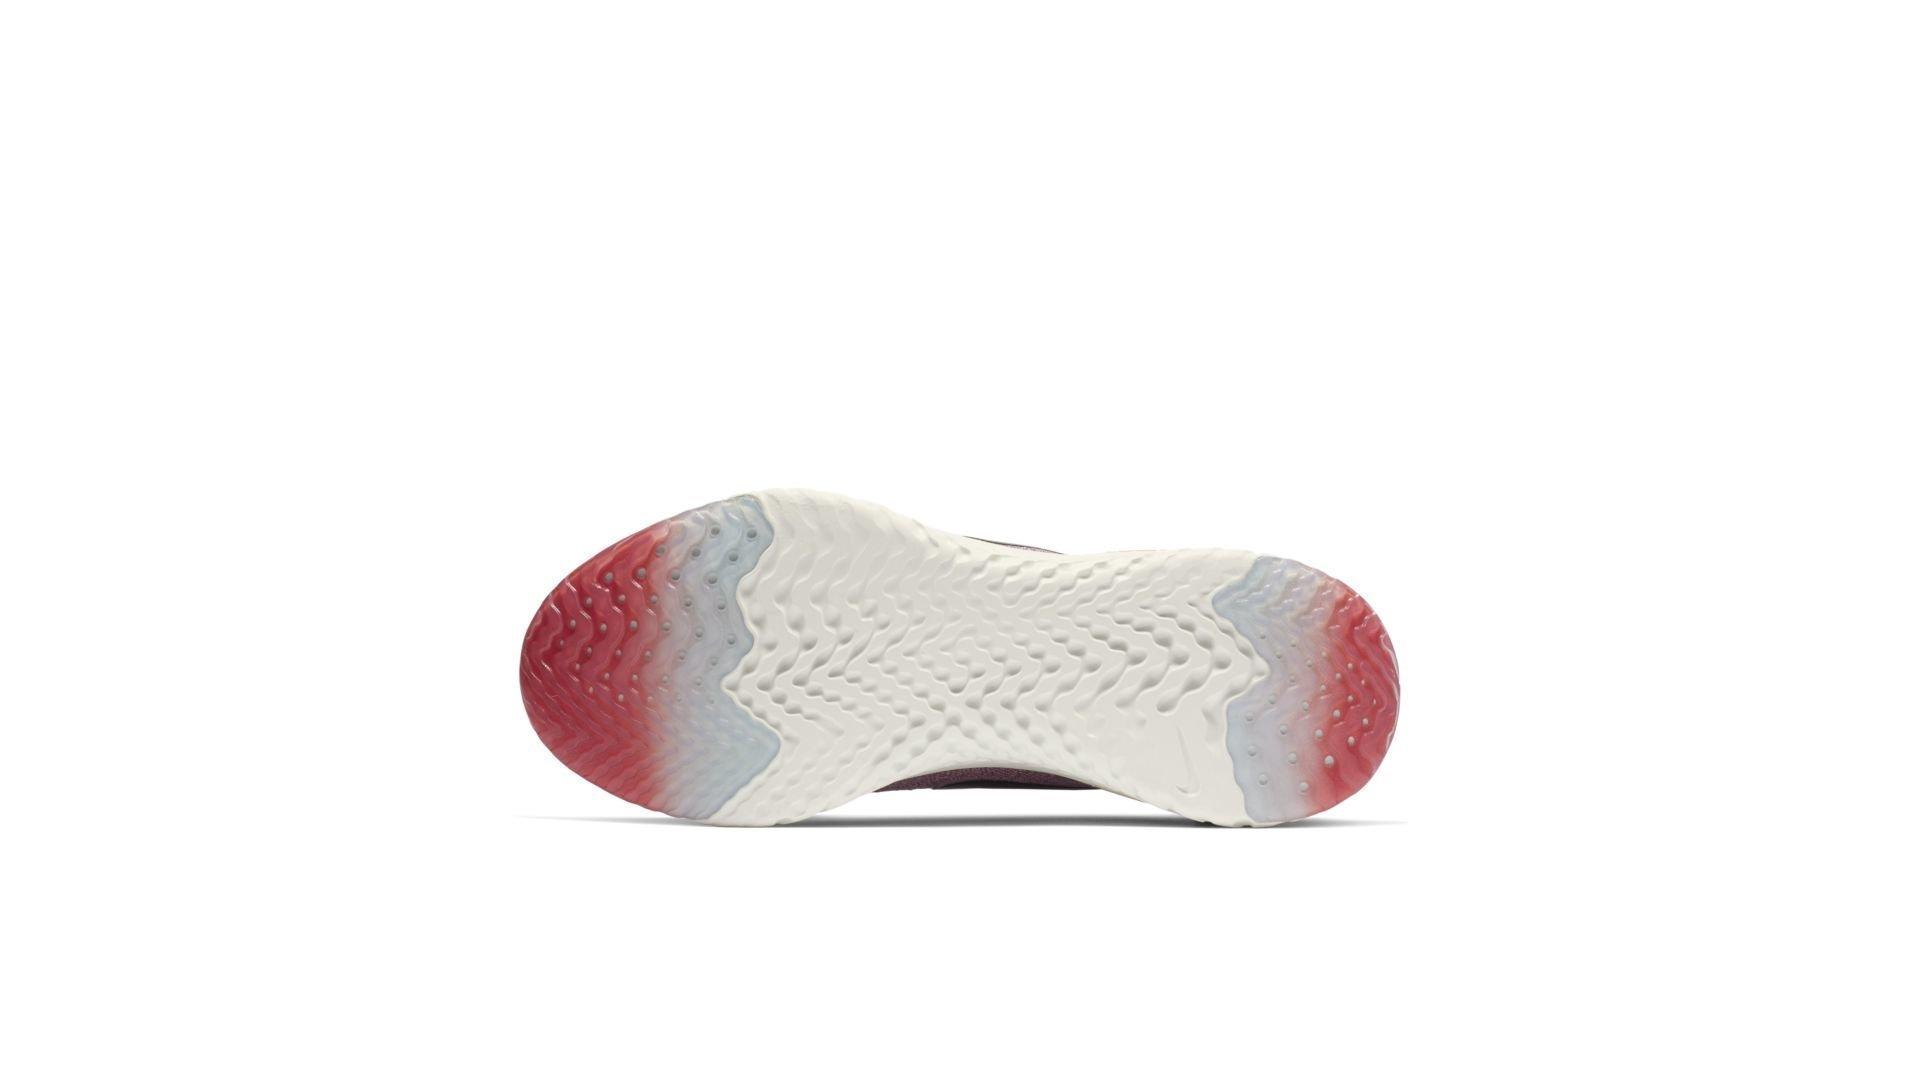 Nike Epic React Flyknit 2 Plum Dust (W) (BQ8927-500)